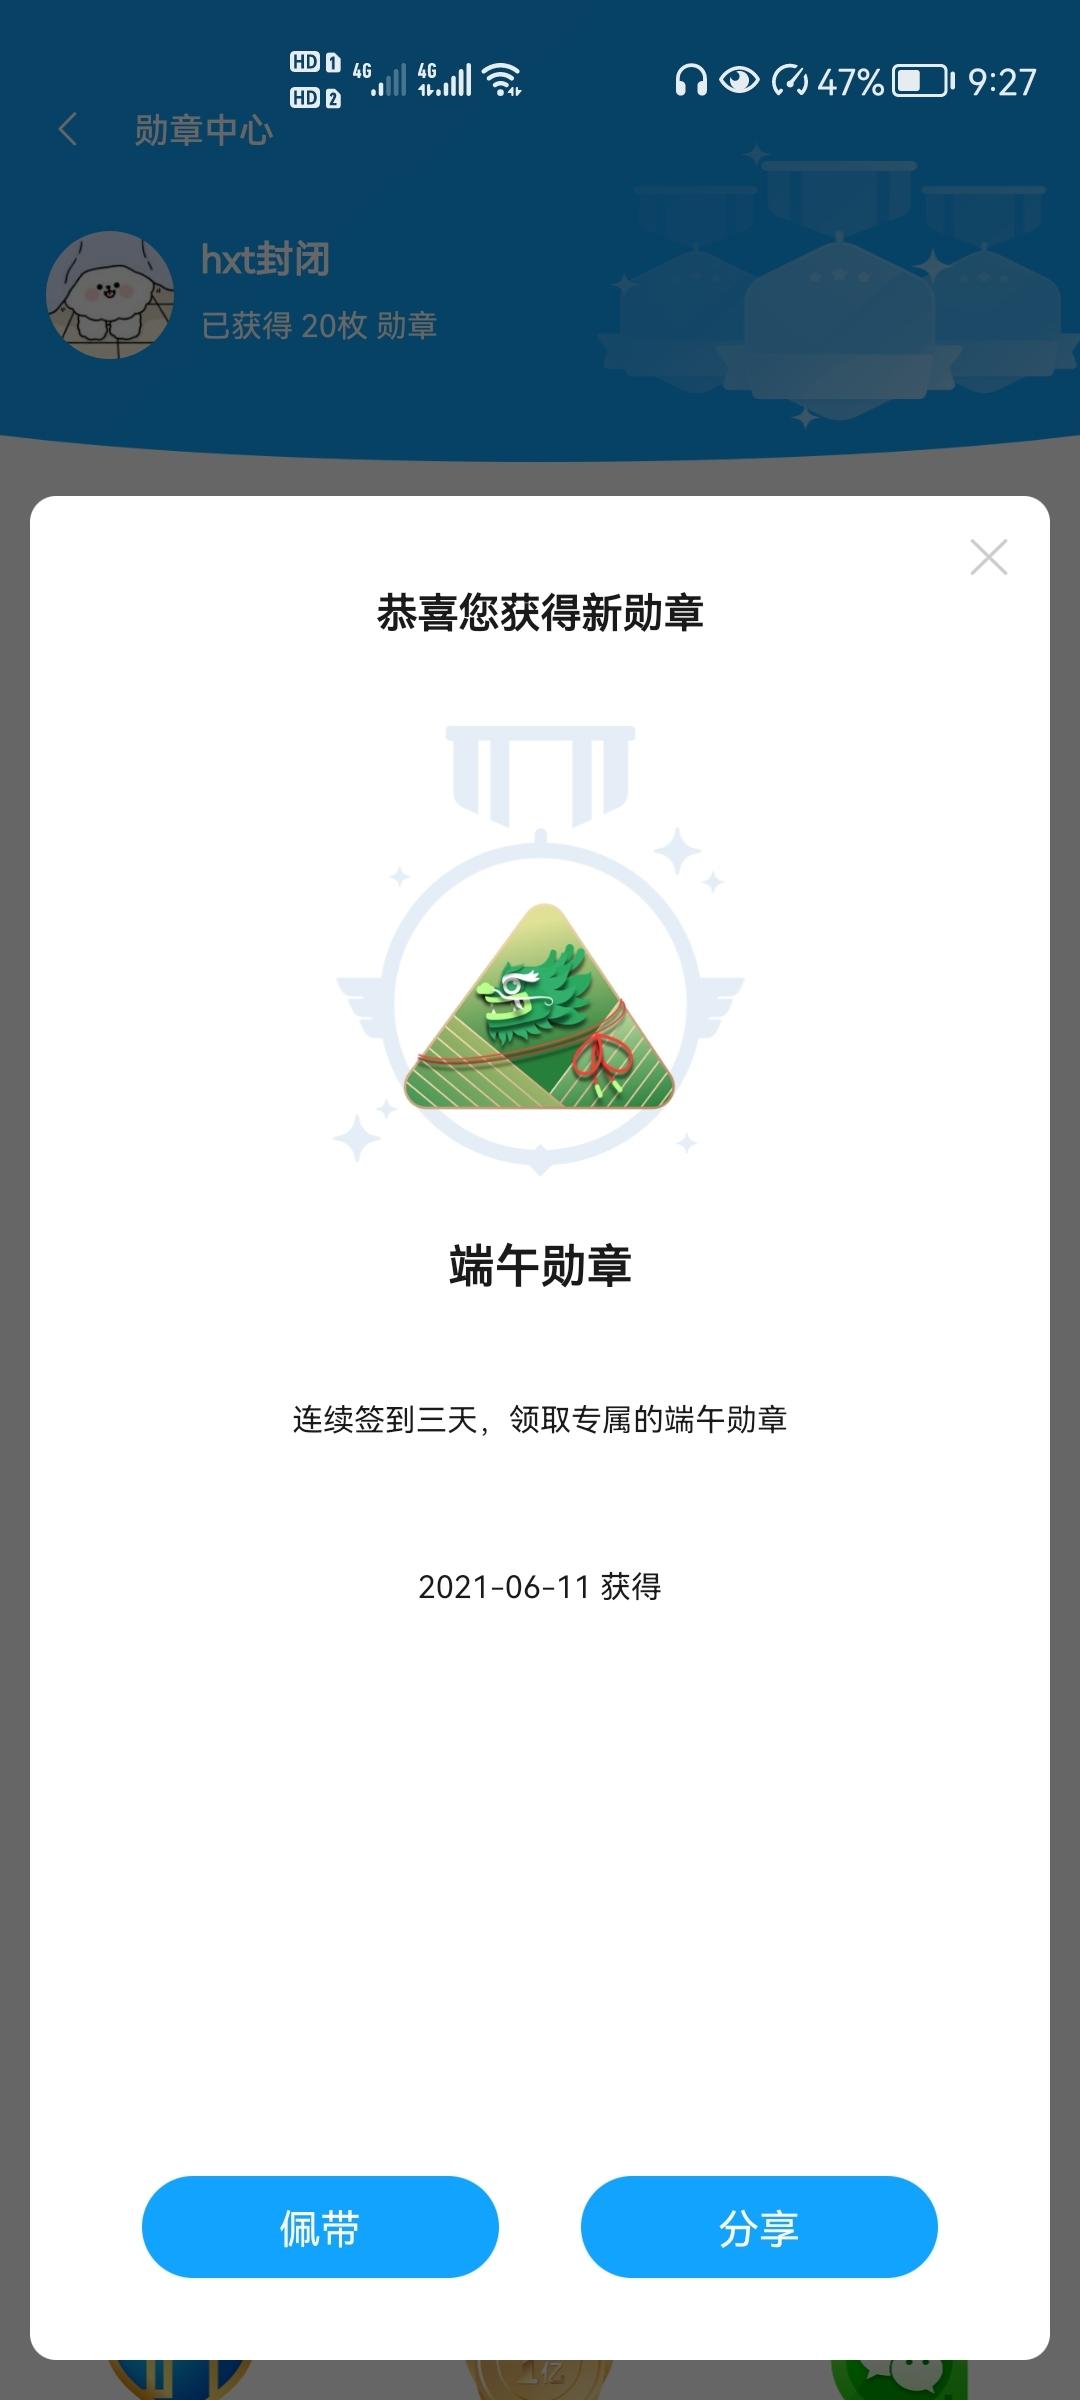 Screenshot_20210611_212729_com.huawei.fans.jpg